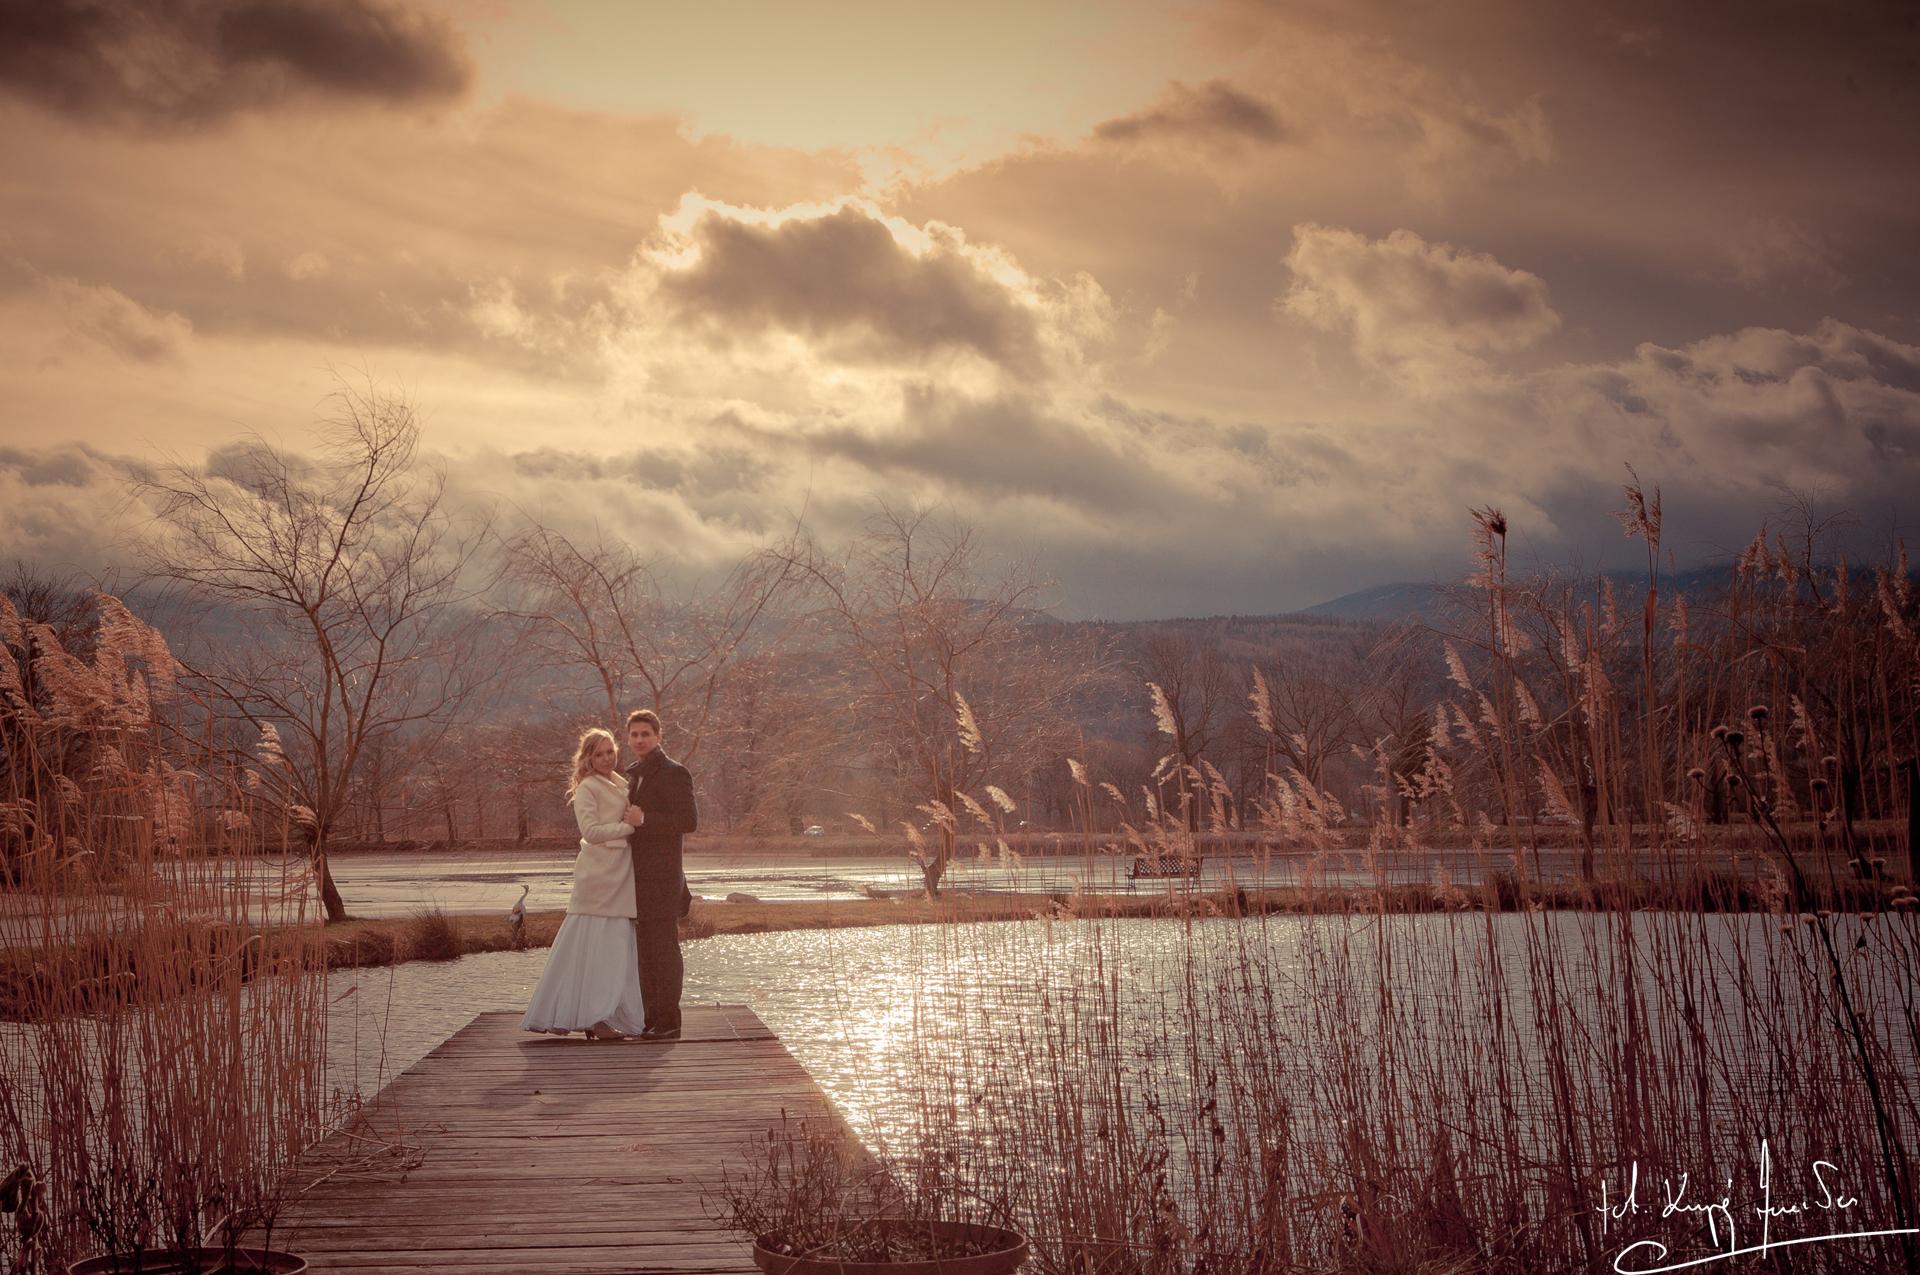 Ślub w jeleniej górze 9 Lutowy Plener z Eweliną i Mikołajem